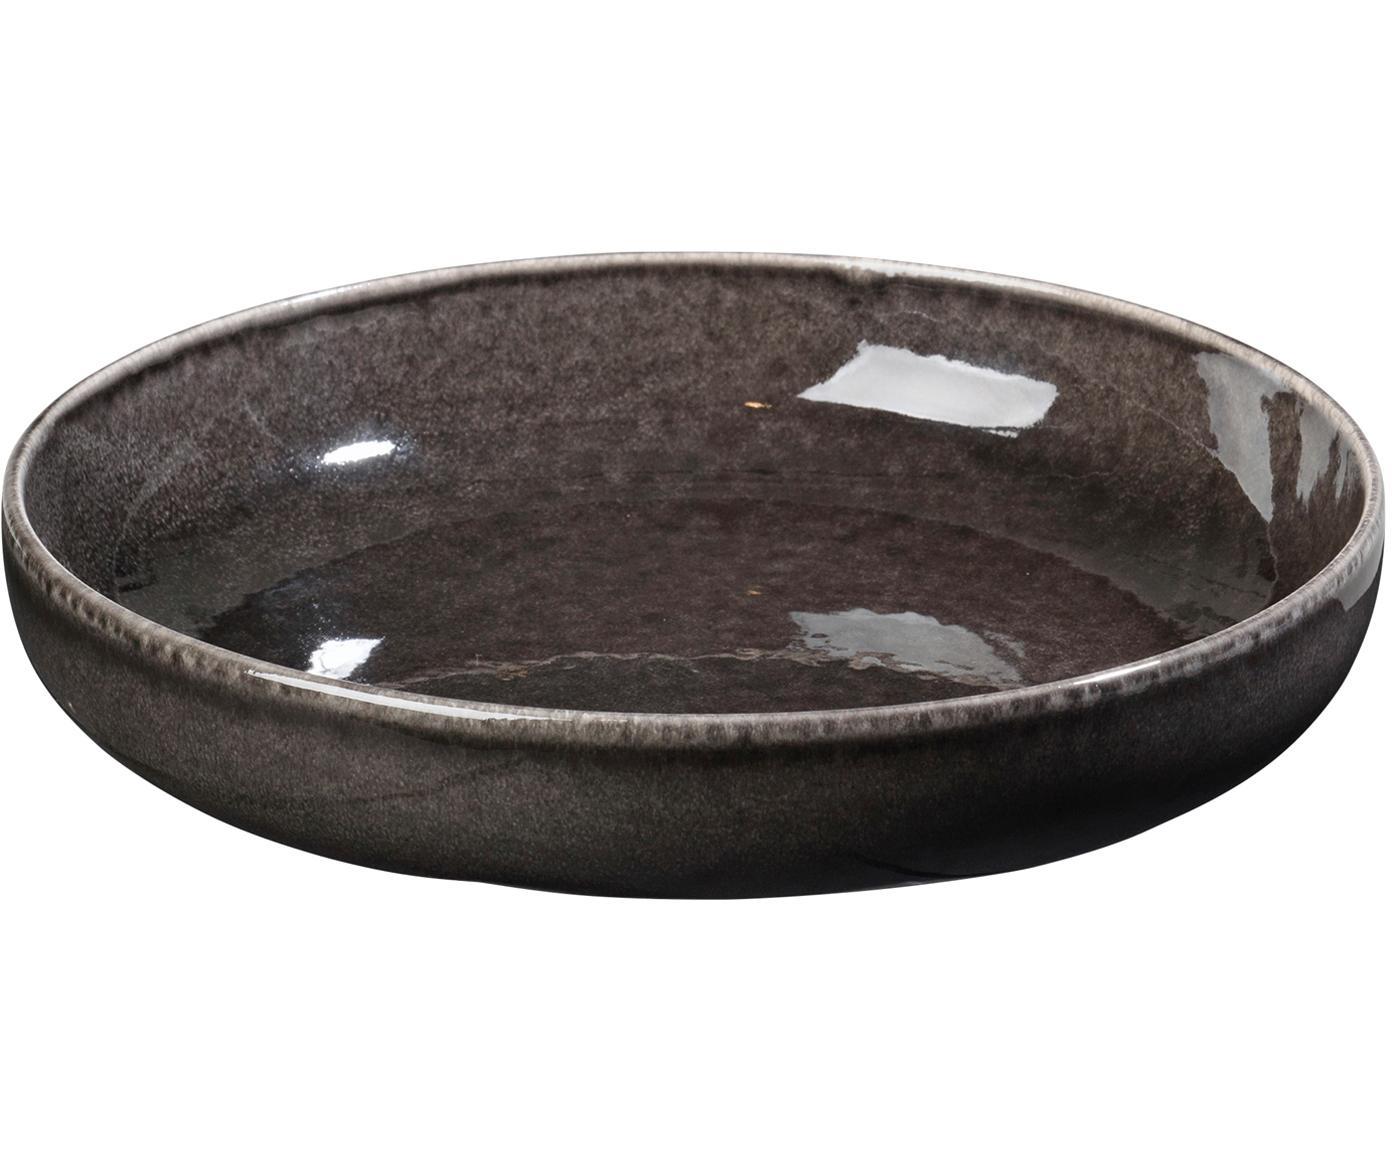 Handgemaakte schalen Nordic Coal, 4 stuks, Keramiek, Bruin, Ø 22 x H 5 cm